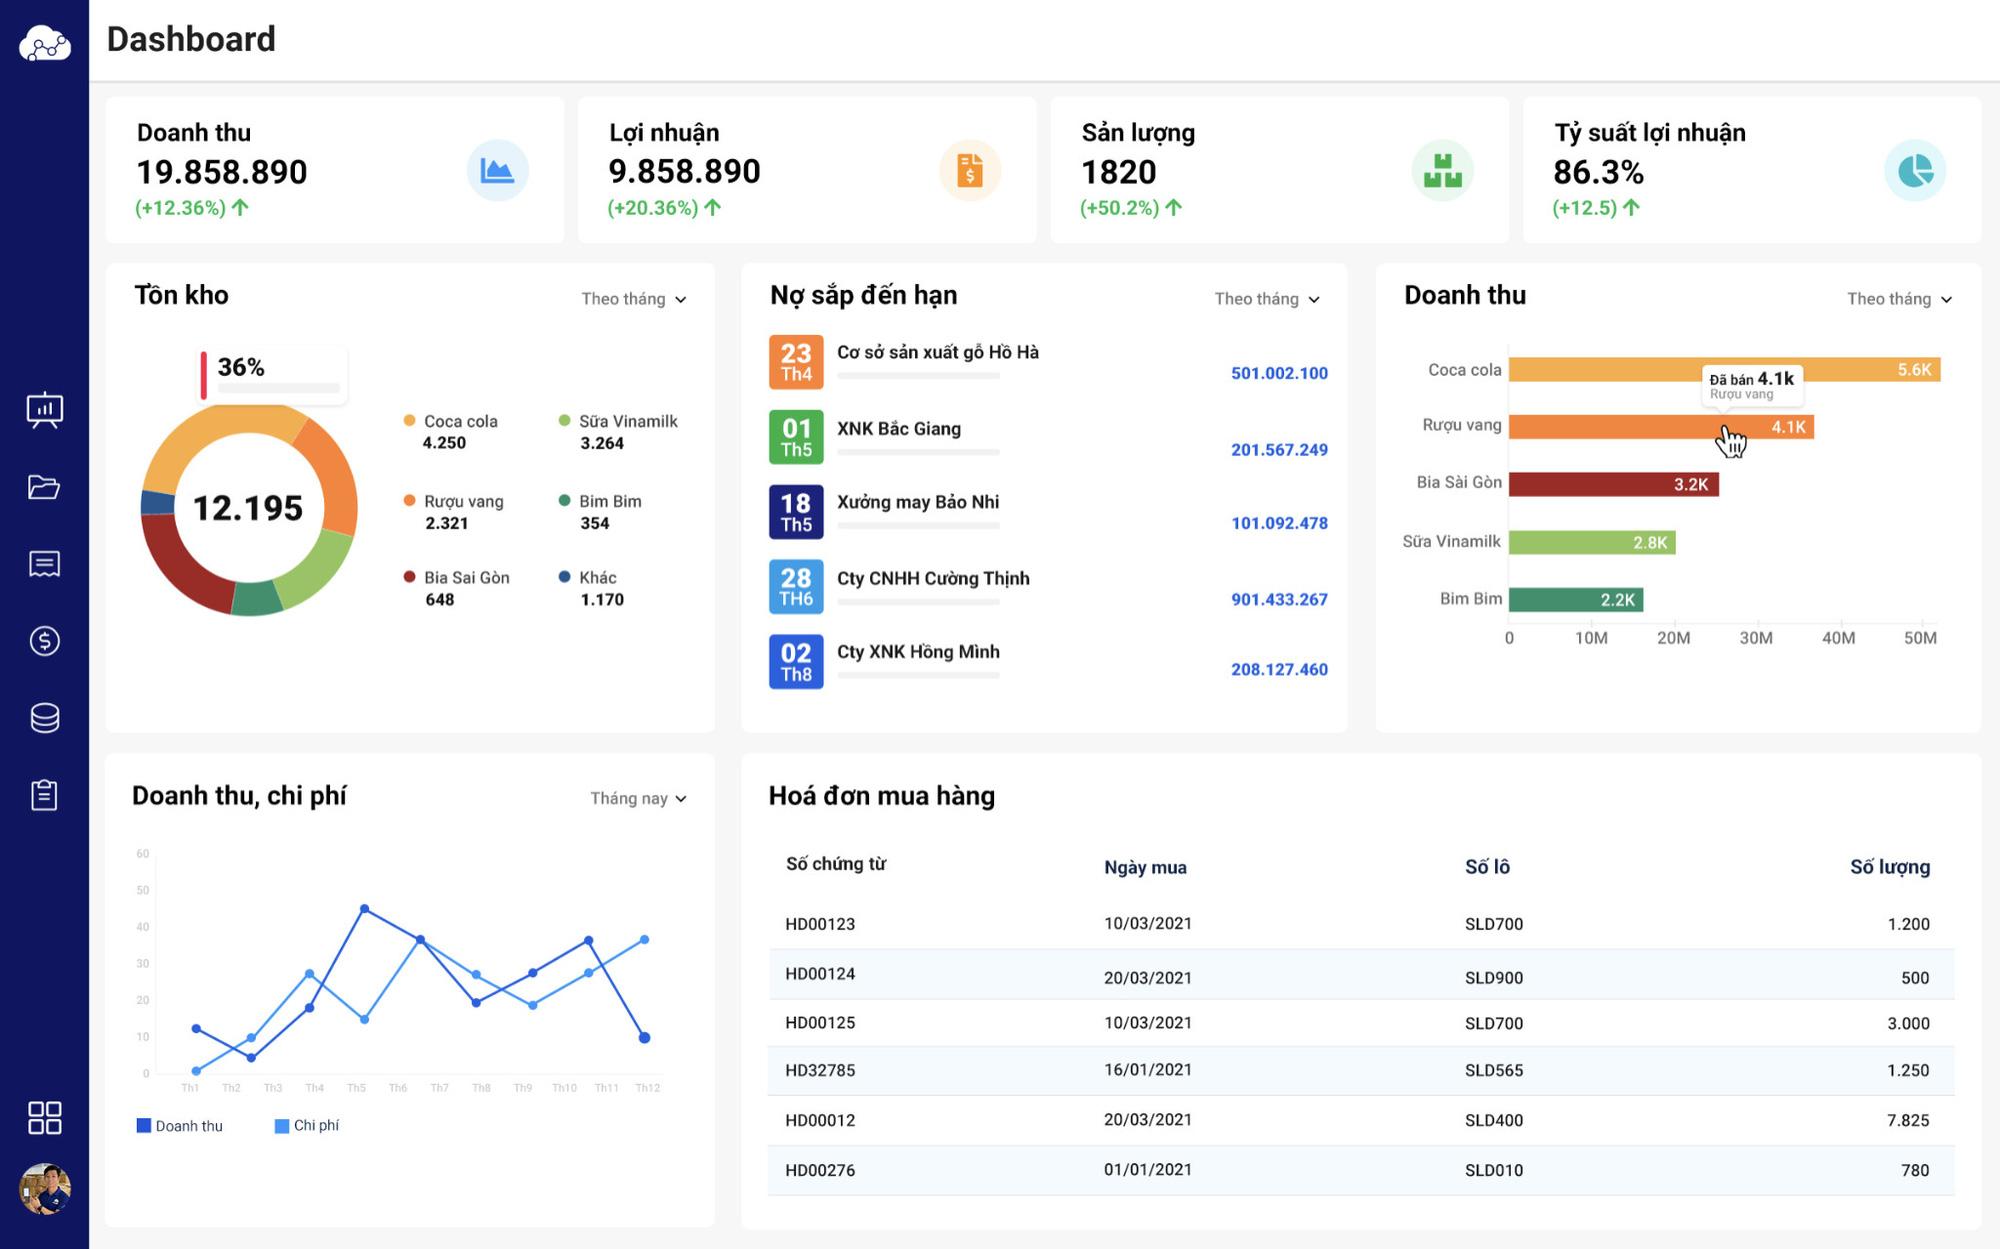 Cloudify.vn - giải pháp quản lý toàn diện cho doanh nghiệp vừa và nhỏ Việt Nam - Ảnh 3.